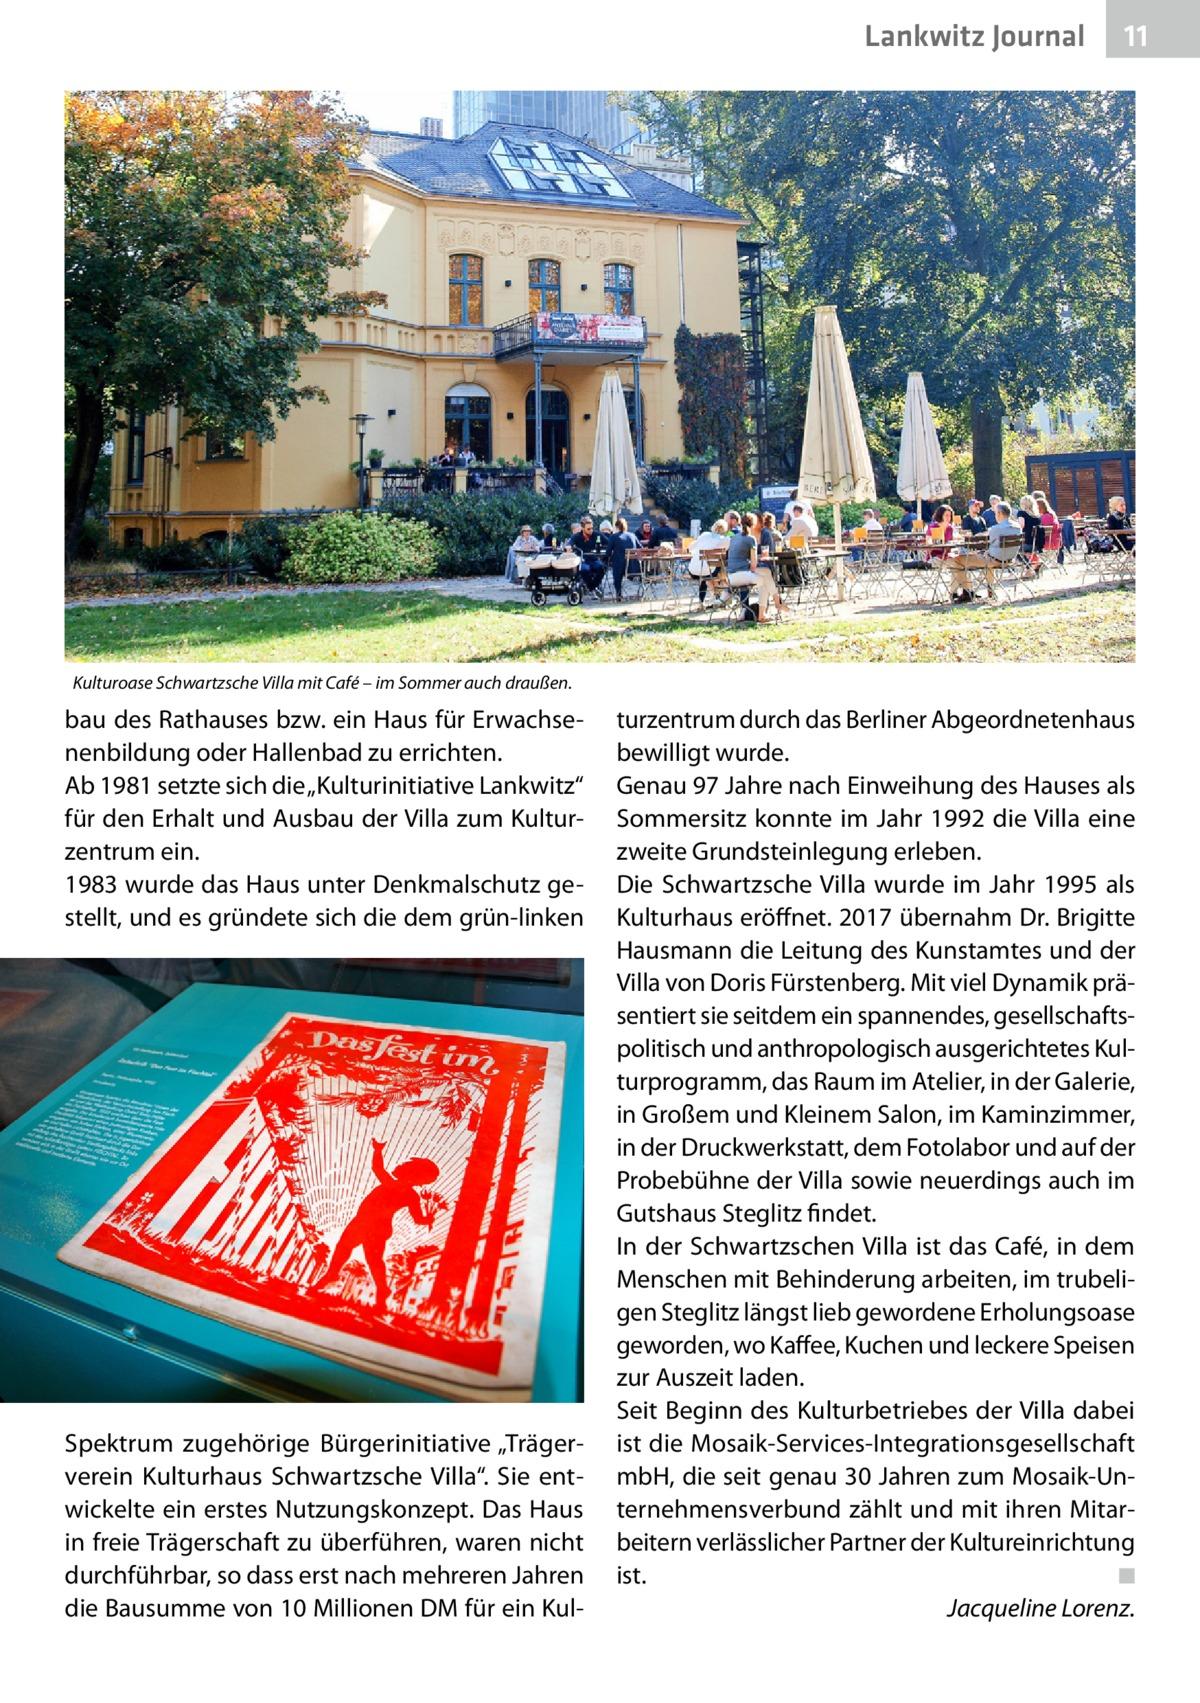 """Lankwitz Journal  11  Kulturoase Schwartzsche Villa mit Café – im Sommer auch draußen.  bau des Rathauses bzw. ein Haus für Erwachsenenbildung oder Hallenbad zu errichten. Ab 1981 setzte sich die """"Kulturinitiative Lankwitz"""" für den Erhalt und Ausbau der Villa zum Kulturzentrum ein. 1983 wurde das Haus unter Denkmalschutz gestellt, und es gründete sich die dem grün-linken  Spektrum zugehörige Bürgerinitiative """"Trägerverein Kulturhaus Schwartzsche Villa"""". Sie entwickelte ein erstes Nutzungskonzept. Das Haus in freie Trägerschaft zu überführen, waren nicht durchführbar, so dass erst nach mehreren Jahren die Bausumme von 10Millionen DM für ein Kul turzentrum durch das Berliner Abgeordnetenhaus bewilligt wurde. Genau 97Jahre nach Einweihung des Hauses als Sommersitz konnte im Jahr 1992 die Villa eine zweite Grundsteinlegung erleben. Die Schwartzsche Villa wurde im Jahr 1995 als Kulturhaus eröffnet. 2017 übernahm Dr.Brigitte Hausmann die Leitung des Kunstamtes und der Villa von Doris Fürstenberg. Mit viel Dynamik präsentiert sie seitdem ein spannendes, gesellschaftspolitisch und anthropologisch ausgerichtetes Kulturprogramm, das Raum im Atelier, in der Galerie, in Großem und Kleinem Salon, im Kaminzimmer, in der Druckwerkstatt, dem Fotolabor und auf der Probebühne der Villa sowie neuerdings auch im Gutshaus Steglitz findet. In der Schwartzschen Villa ist das Café, in dem Menschen mit Behinderung arbeiten, im trubeligen Steglitz längst lieb gewordene Erholungsoase geworden, wo Kaffee, Kuchen und leckere Speisen zur Auszeit laden. Seit Beginn des Kulturbetriebes der Villa dabei ist die Mosaik-Services-Integrationsgesellschaft mbH, die seit genau 30Jahren zum Mosaik-Unternehmensverbund zählt und mit ihren Mitarbeitern verlässlicher Partner der Kultureinrichtung ist.� ◾ � Jacqueline Lorenz."""